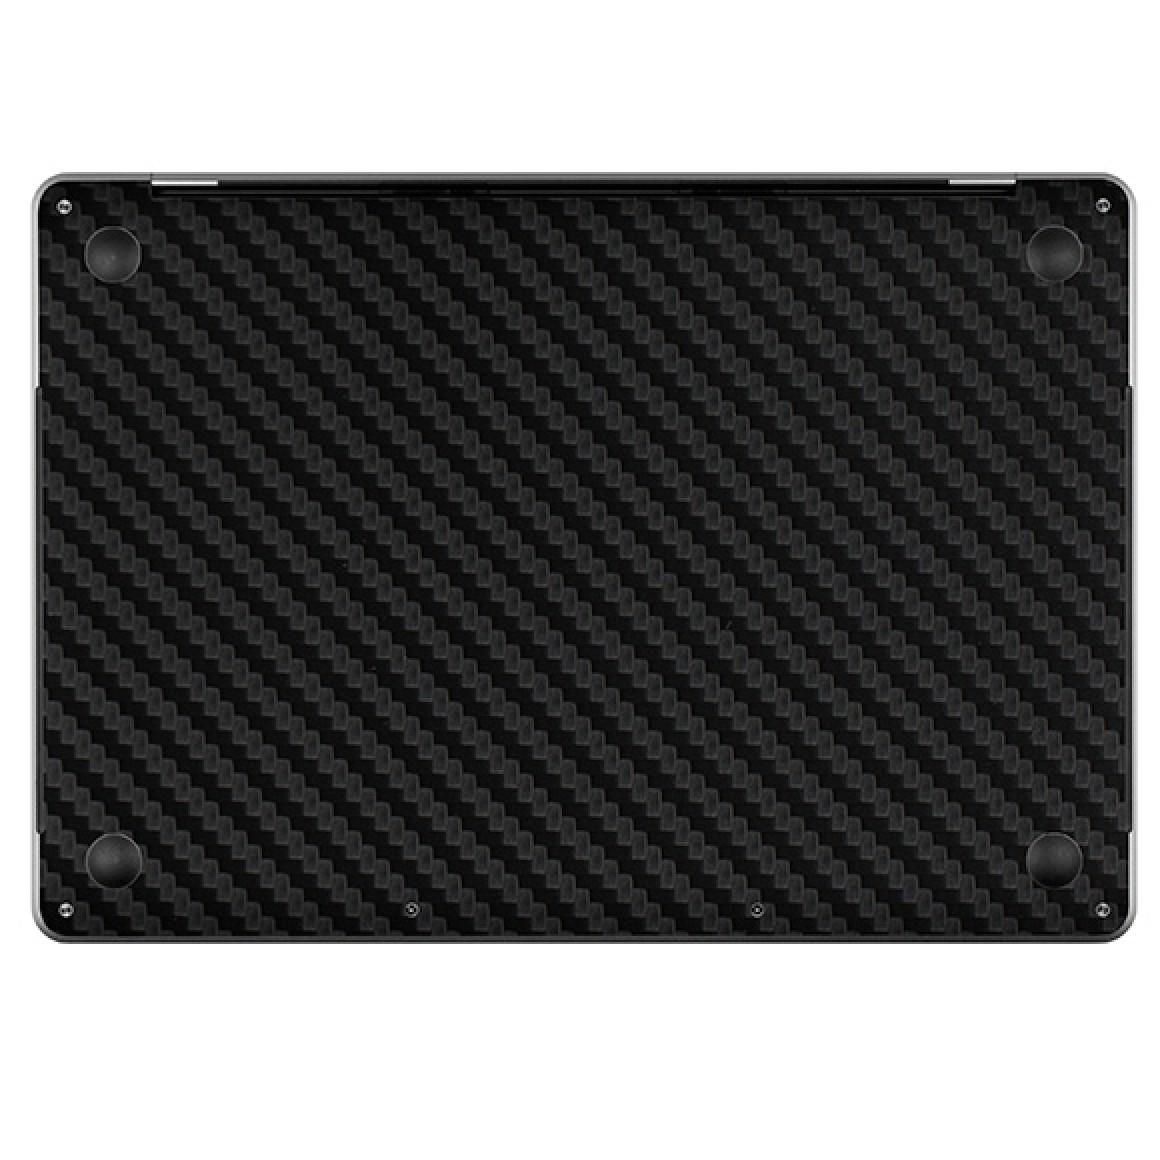 Skin Premium Fibra De Carbono Para Macbook Air 13 A2179